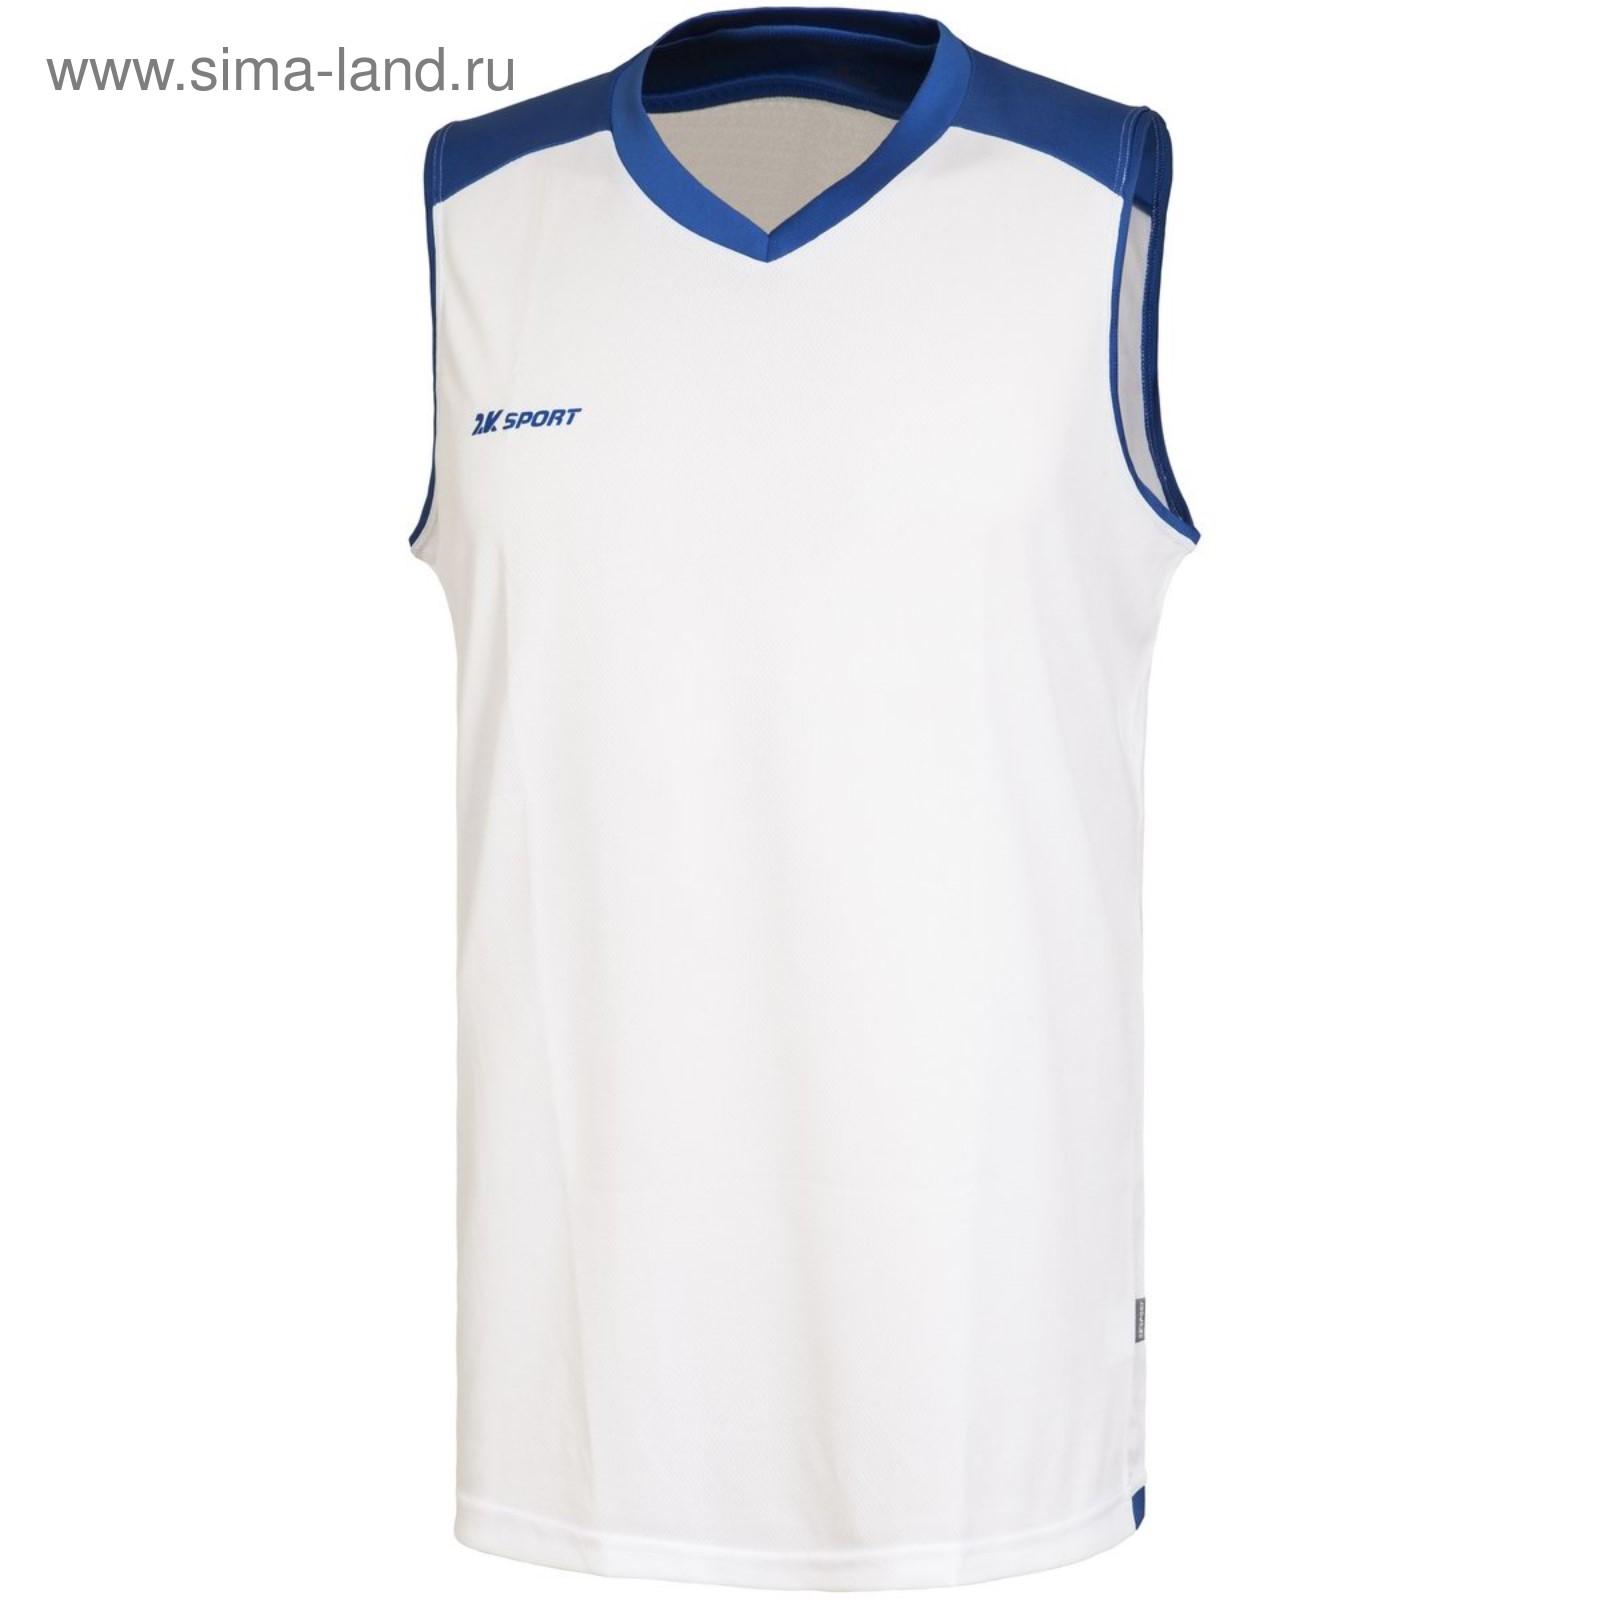 8f66c5ae Баскетбольная игровая майка 2K Sport Rebound white/royal, XS ...